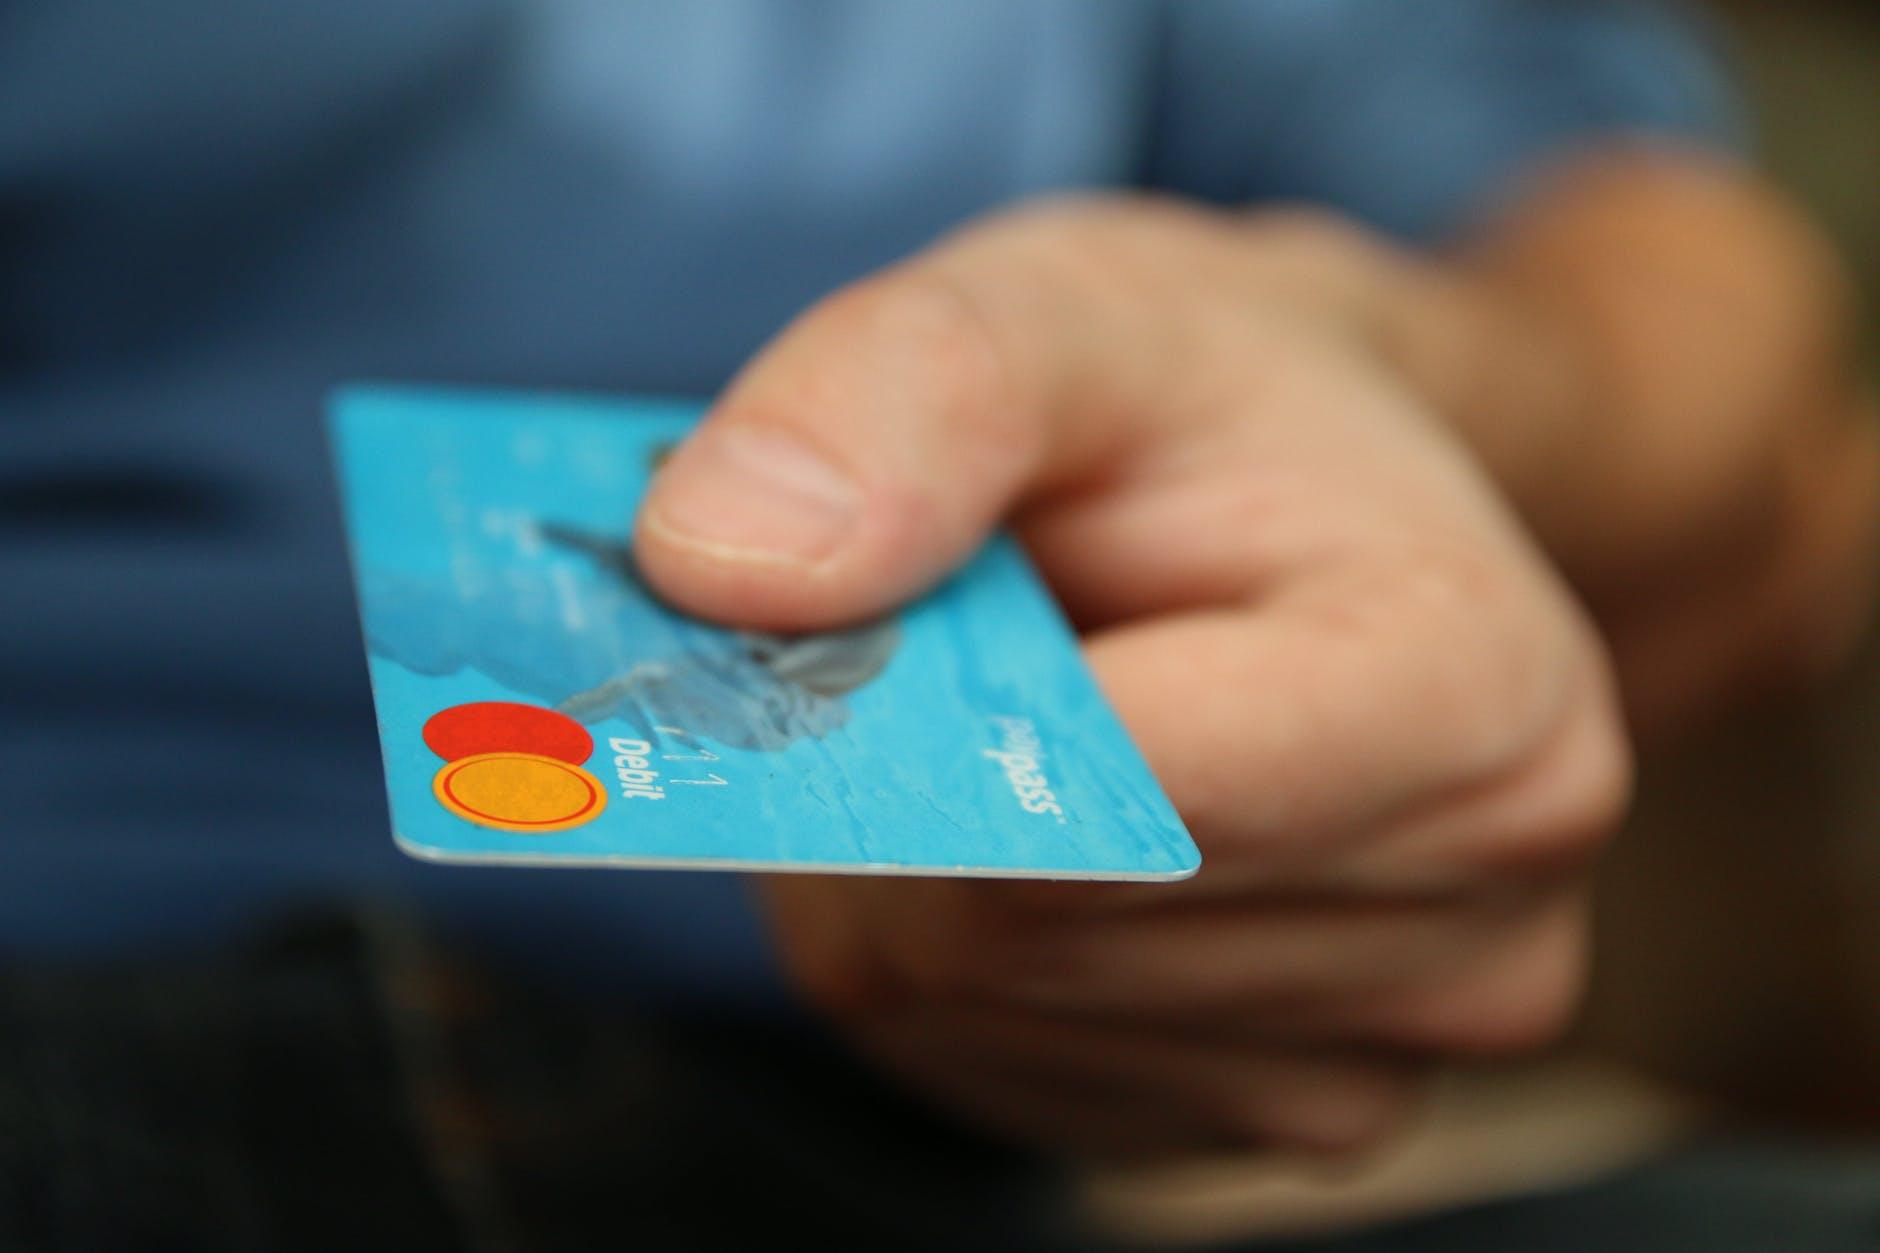 Mutirão para renegociação de dívidas